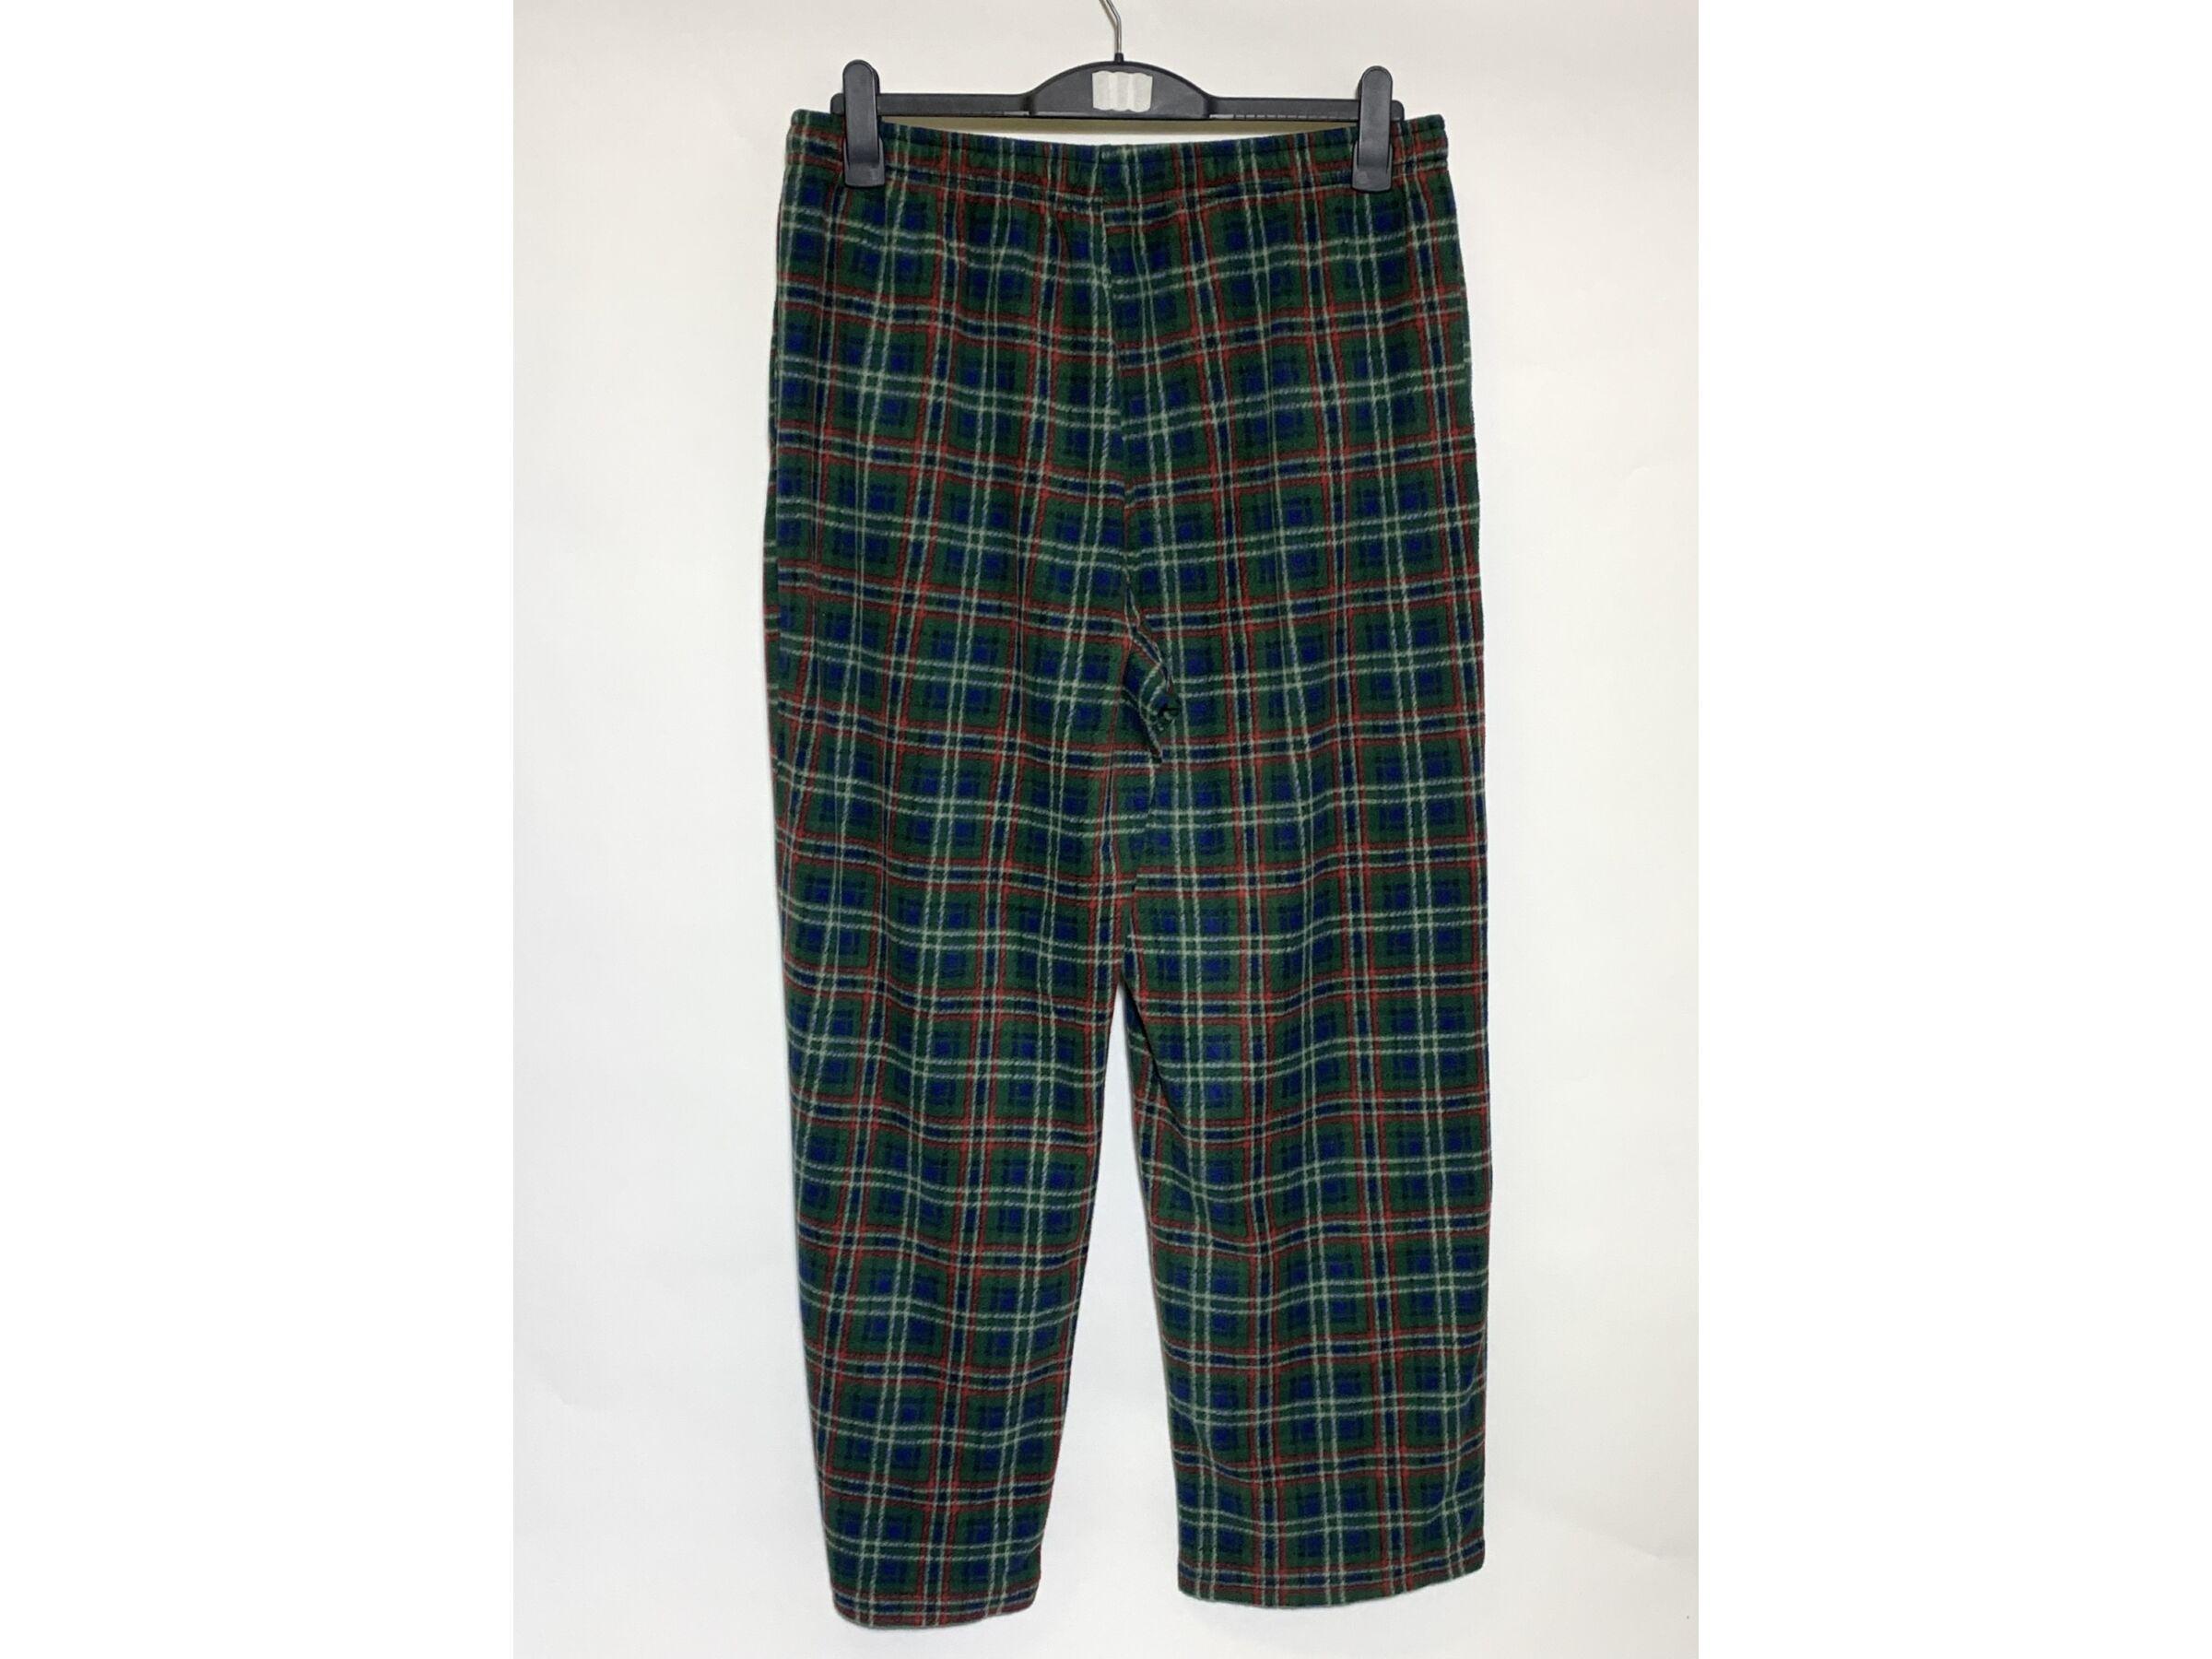 Tommy Hilfiger pizsamanadrág (L)